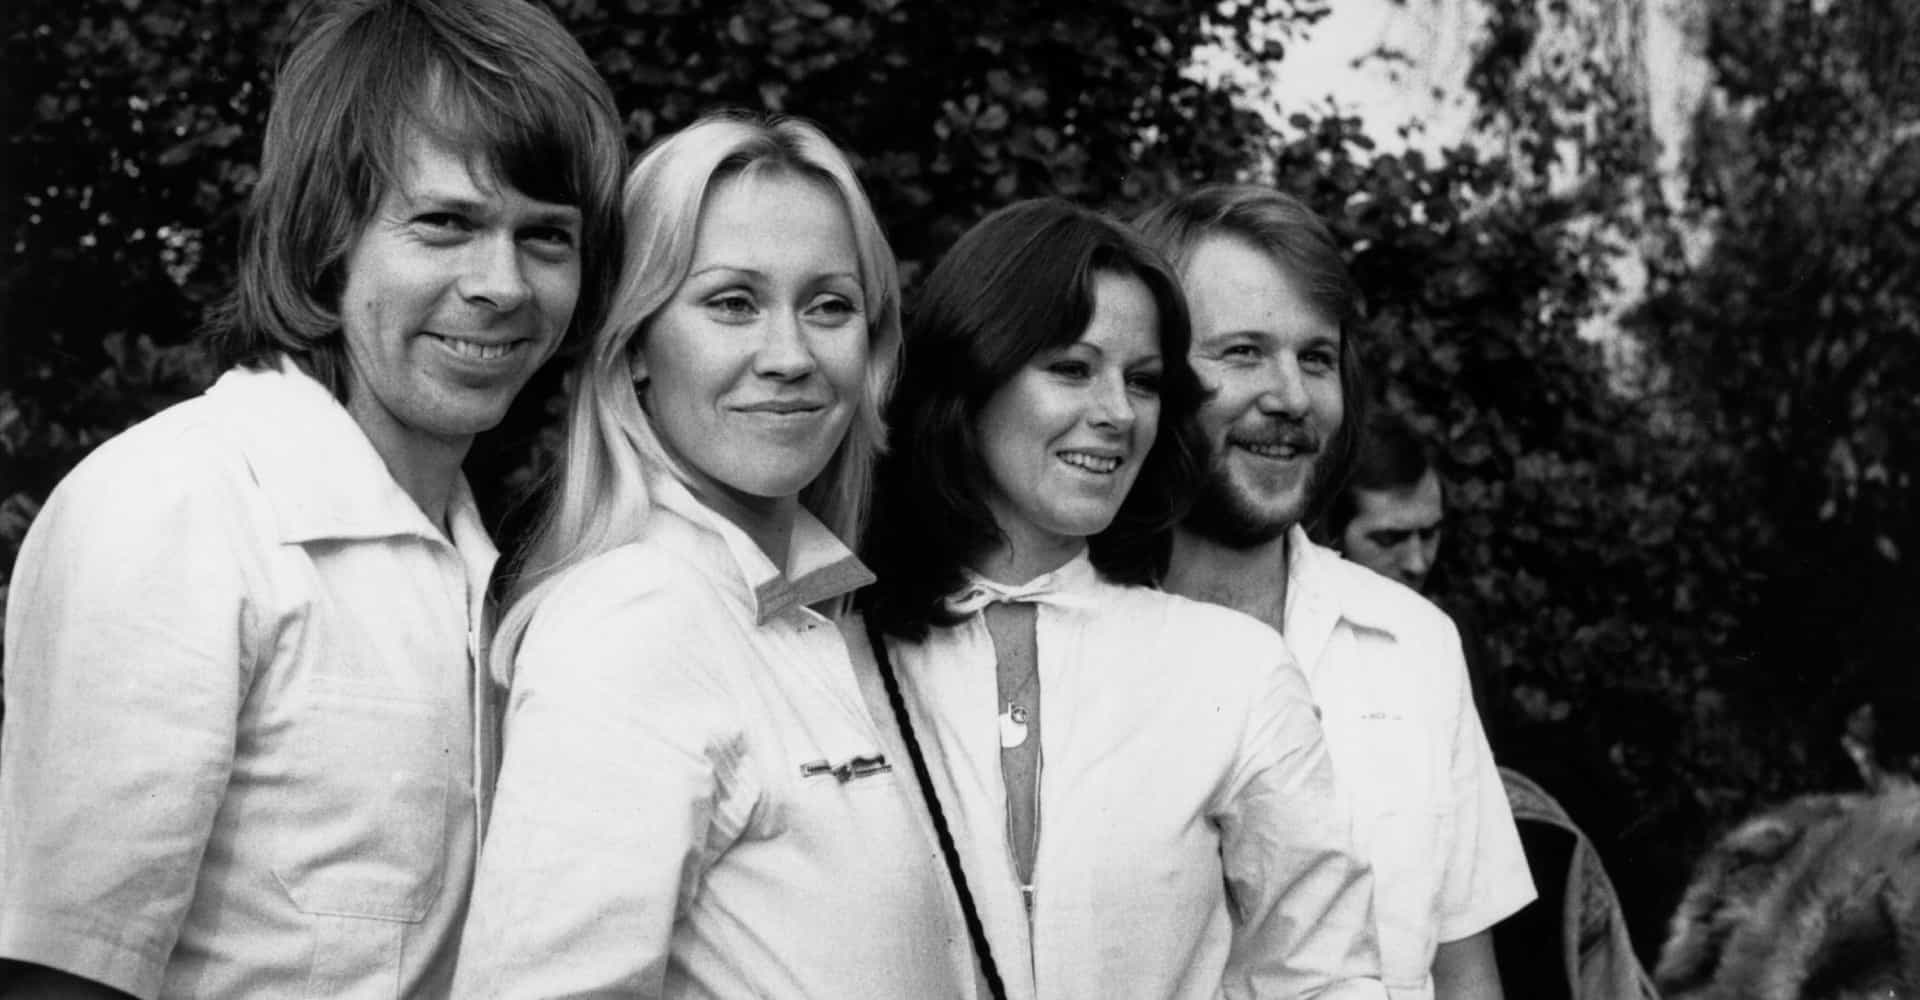 Le groupe ABBA s'est reformé le temps de quelques morceaux